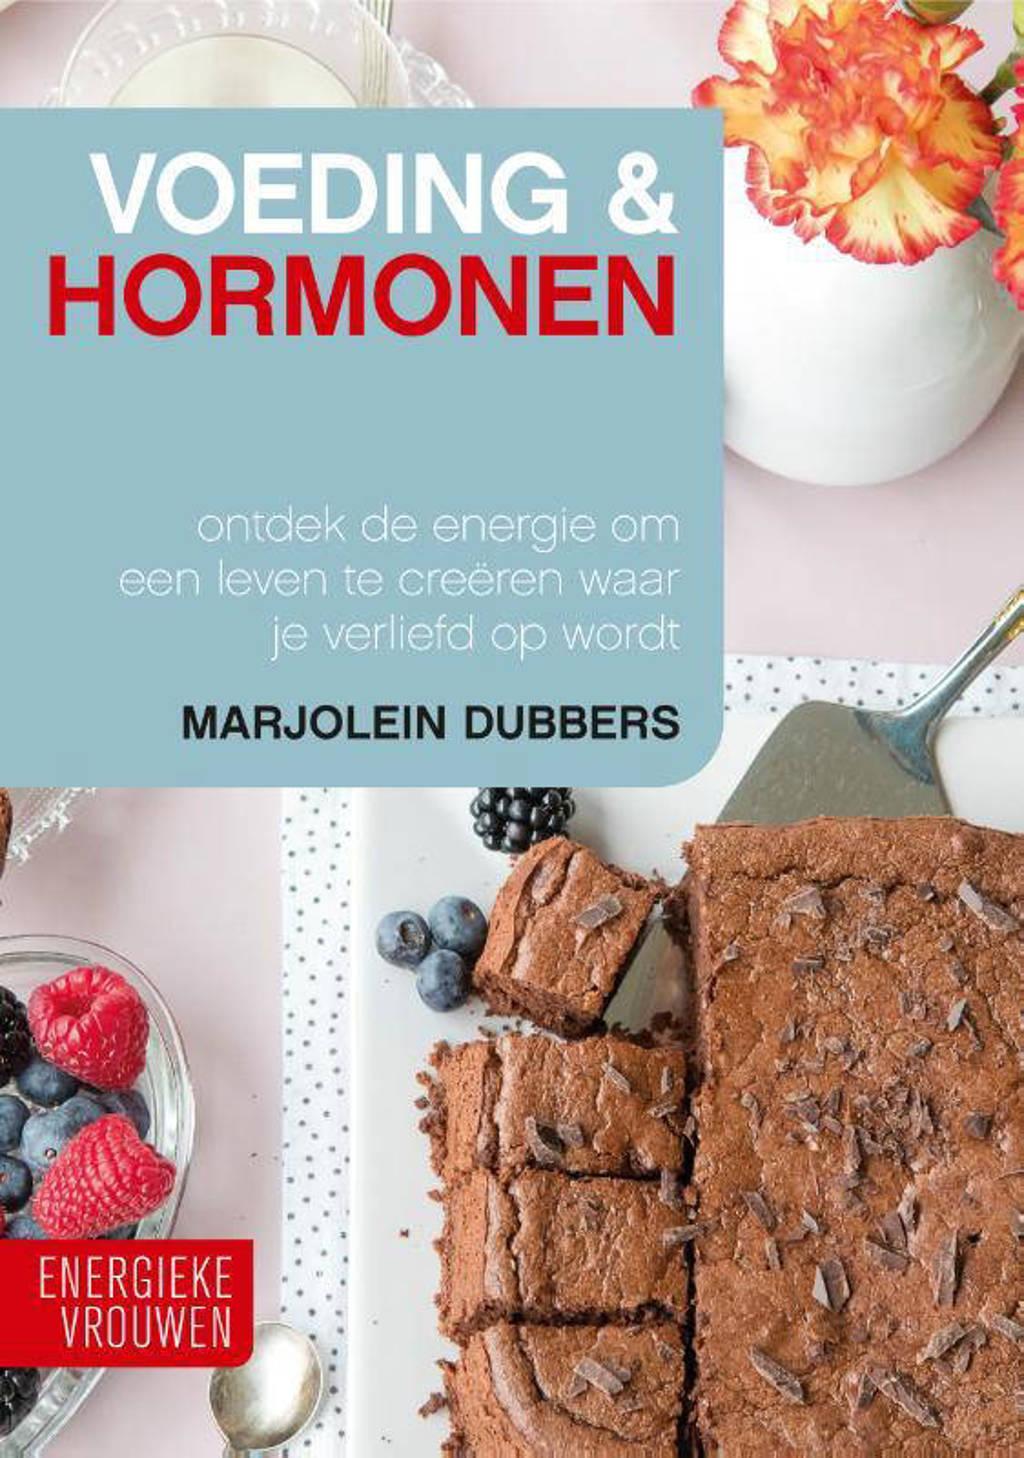 Voeding & Hormonen - Marjolein Dubbers